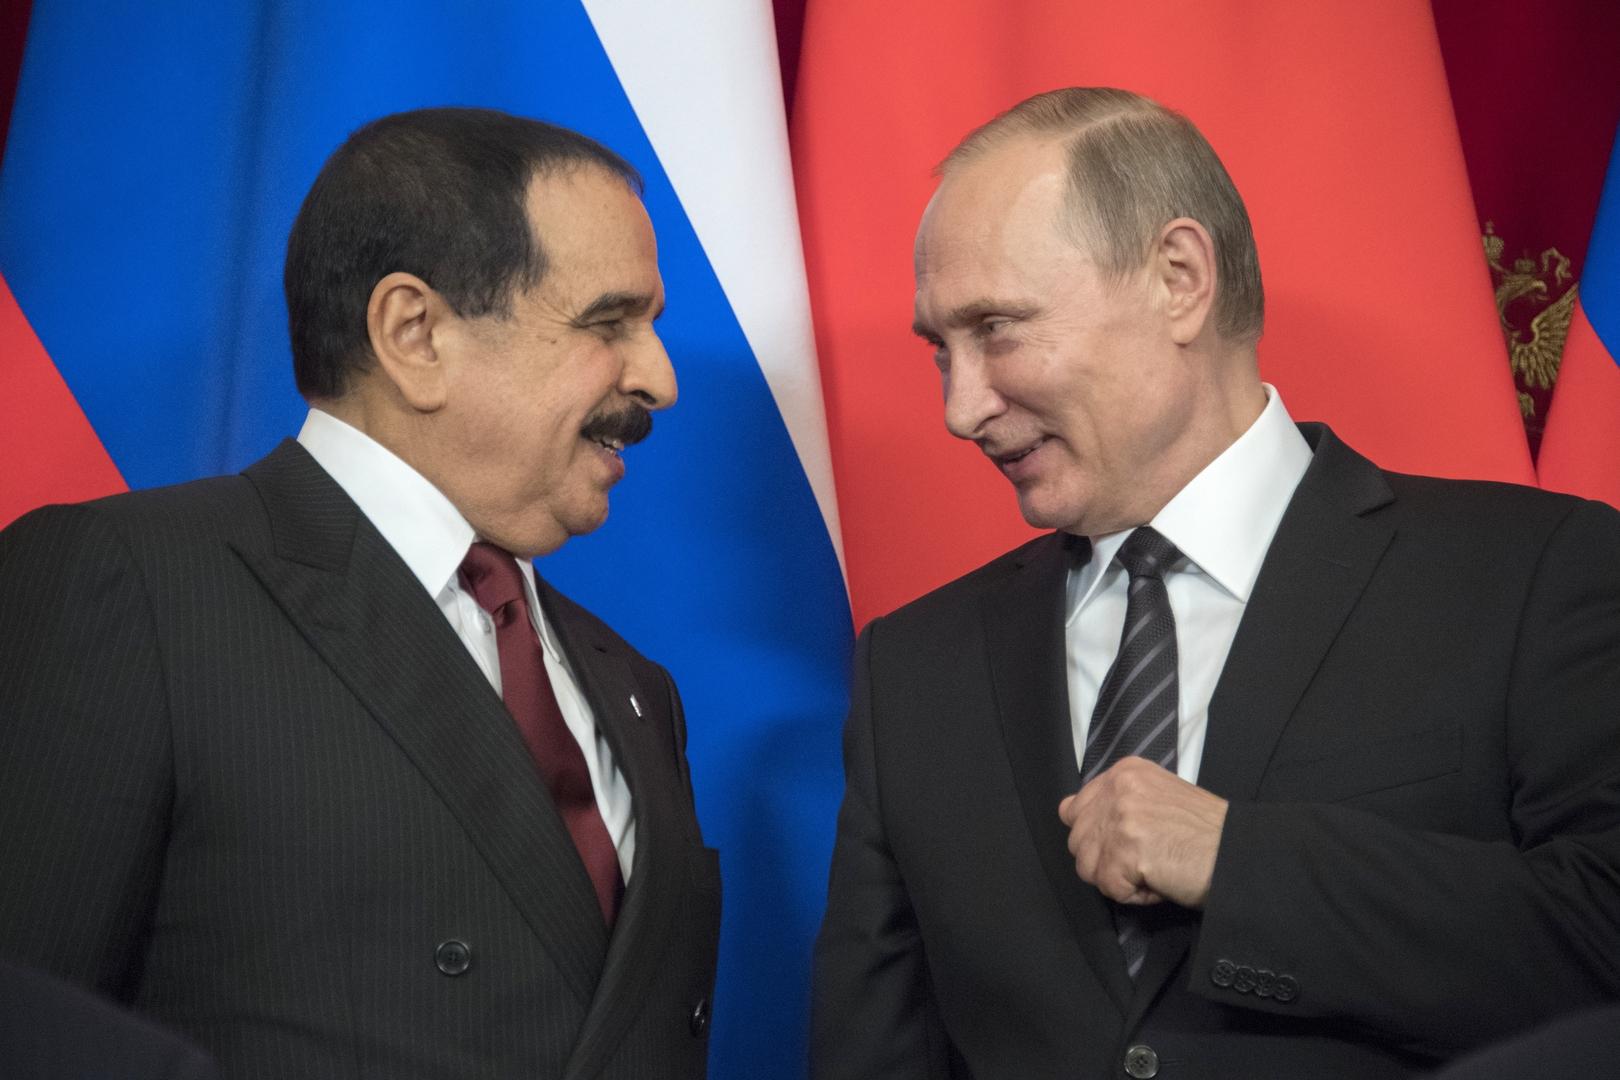 الكرملين: بوتين والعاهل البحريني يبحثان هاتفيا مكافحة فيروس كورونا وتسوية الأزمة السورية